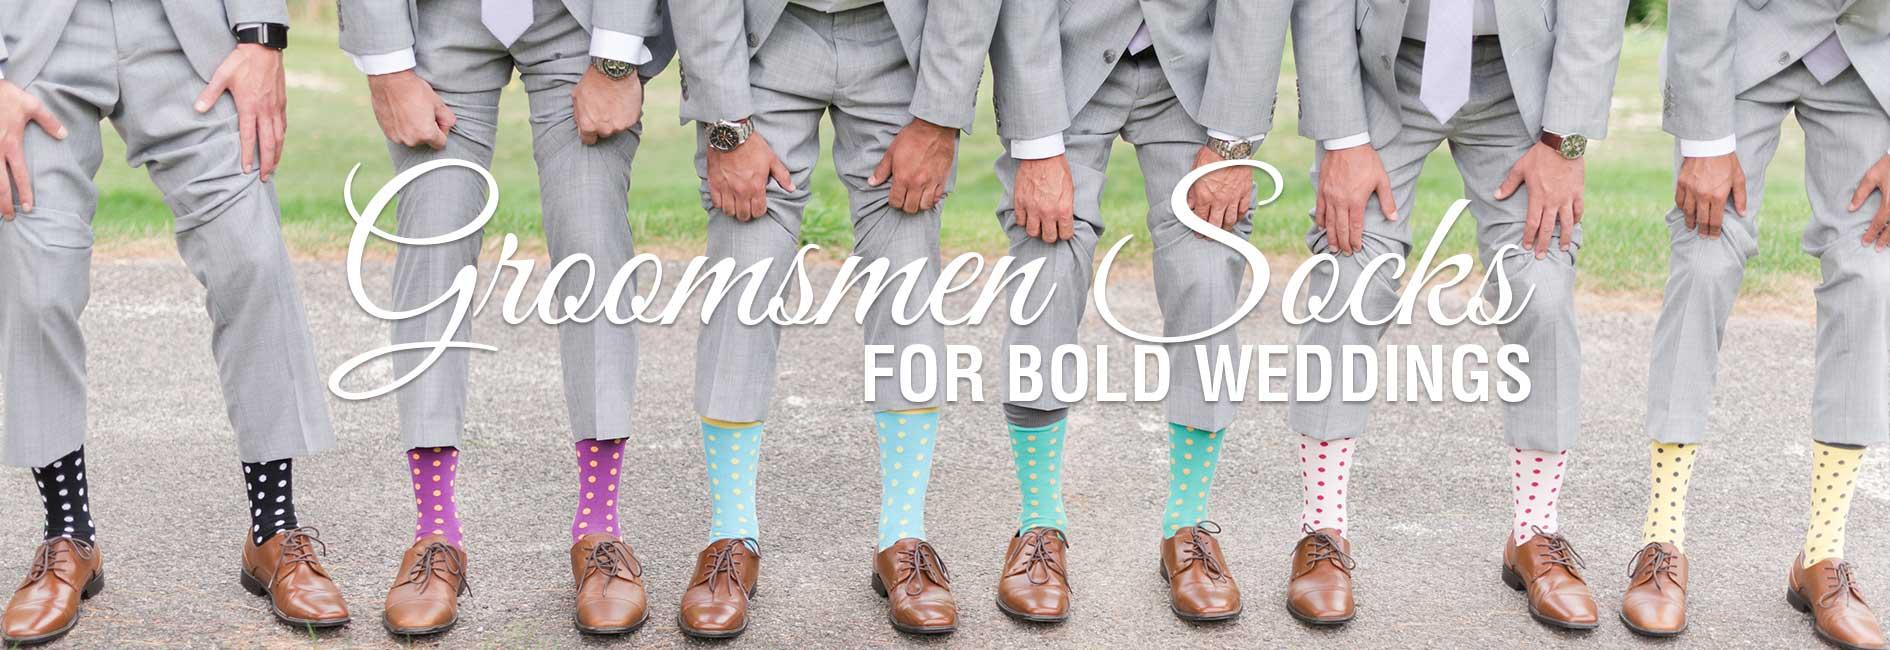 Groomsmen Wedding Socks Banner